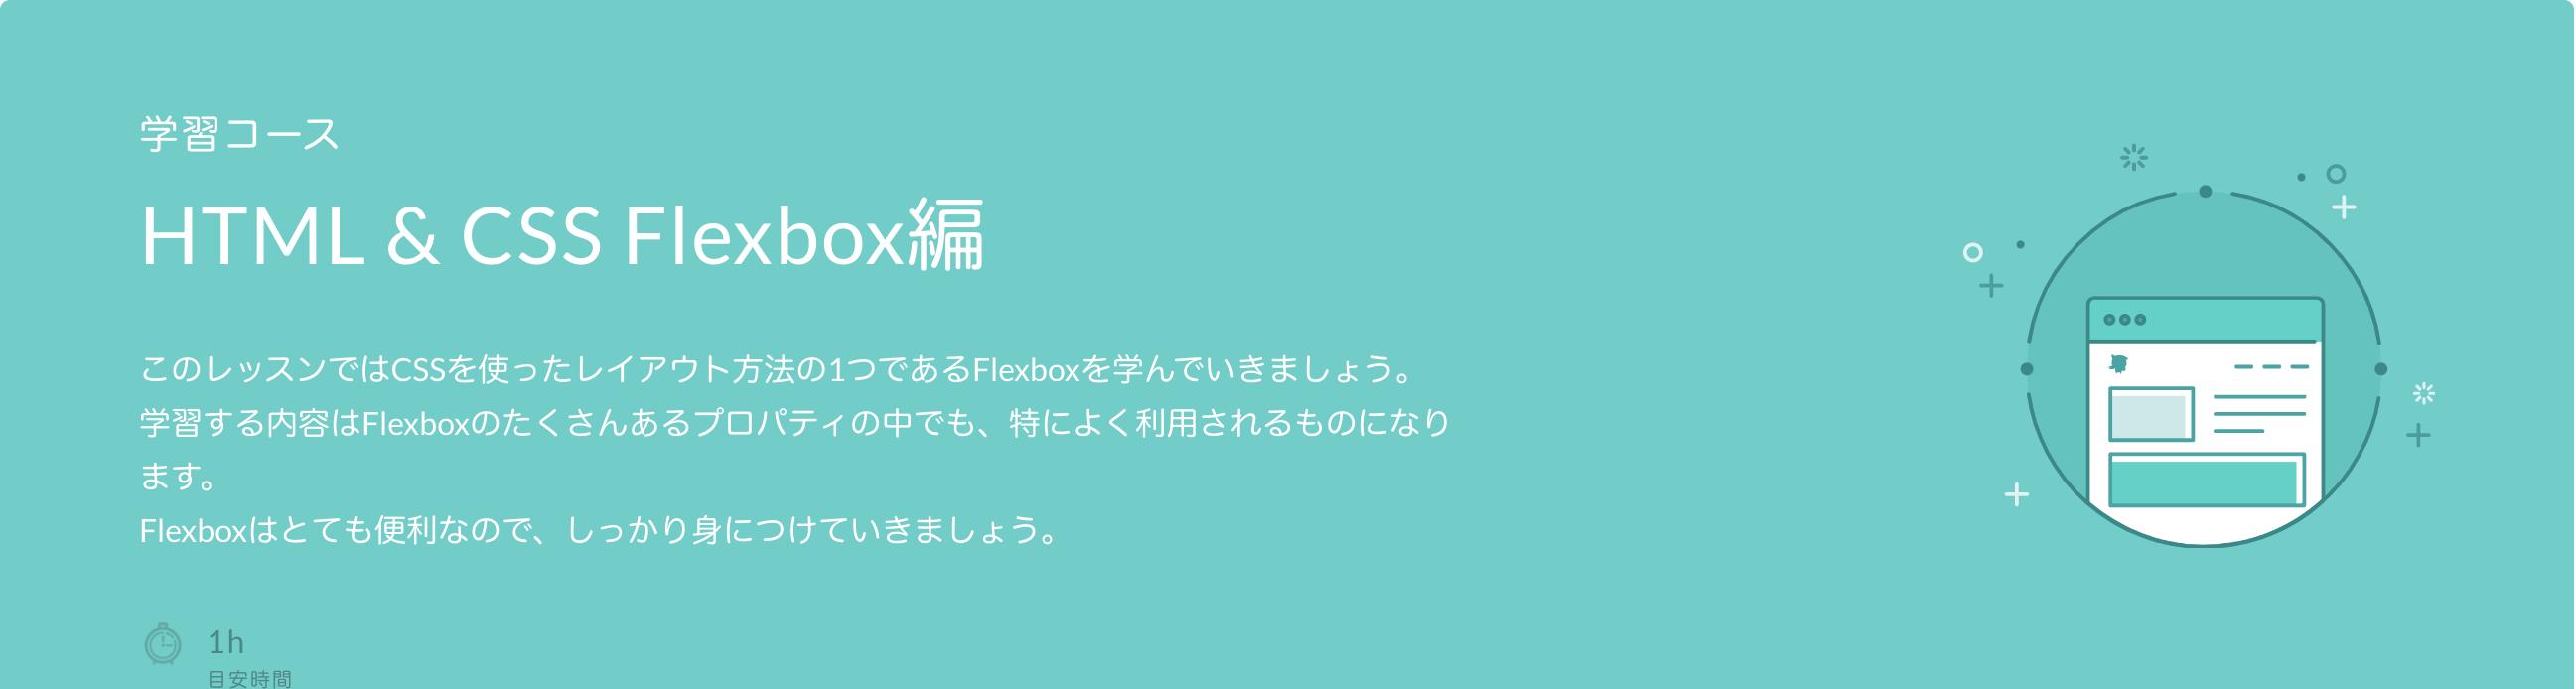 スクリーンショット-2021-07-27-13.52.12